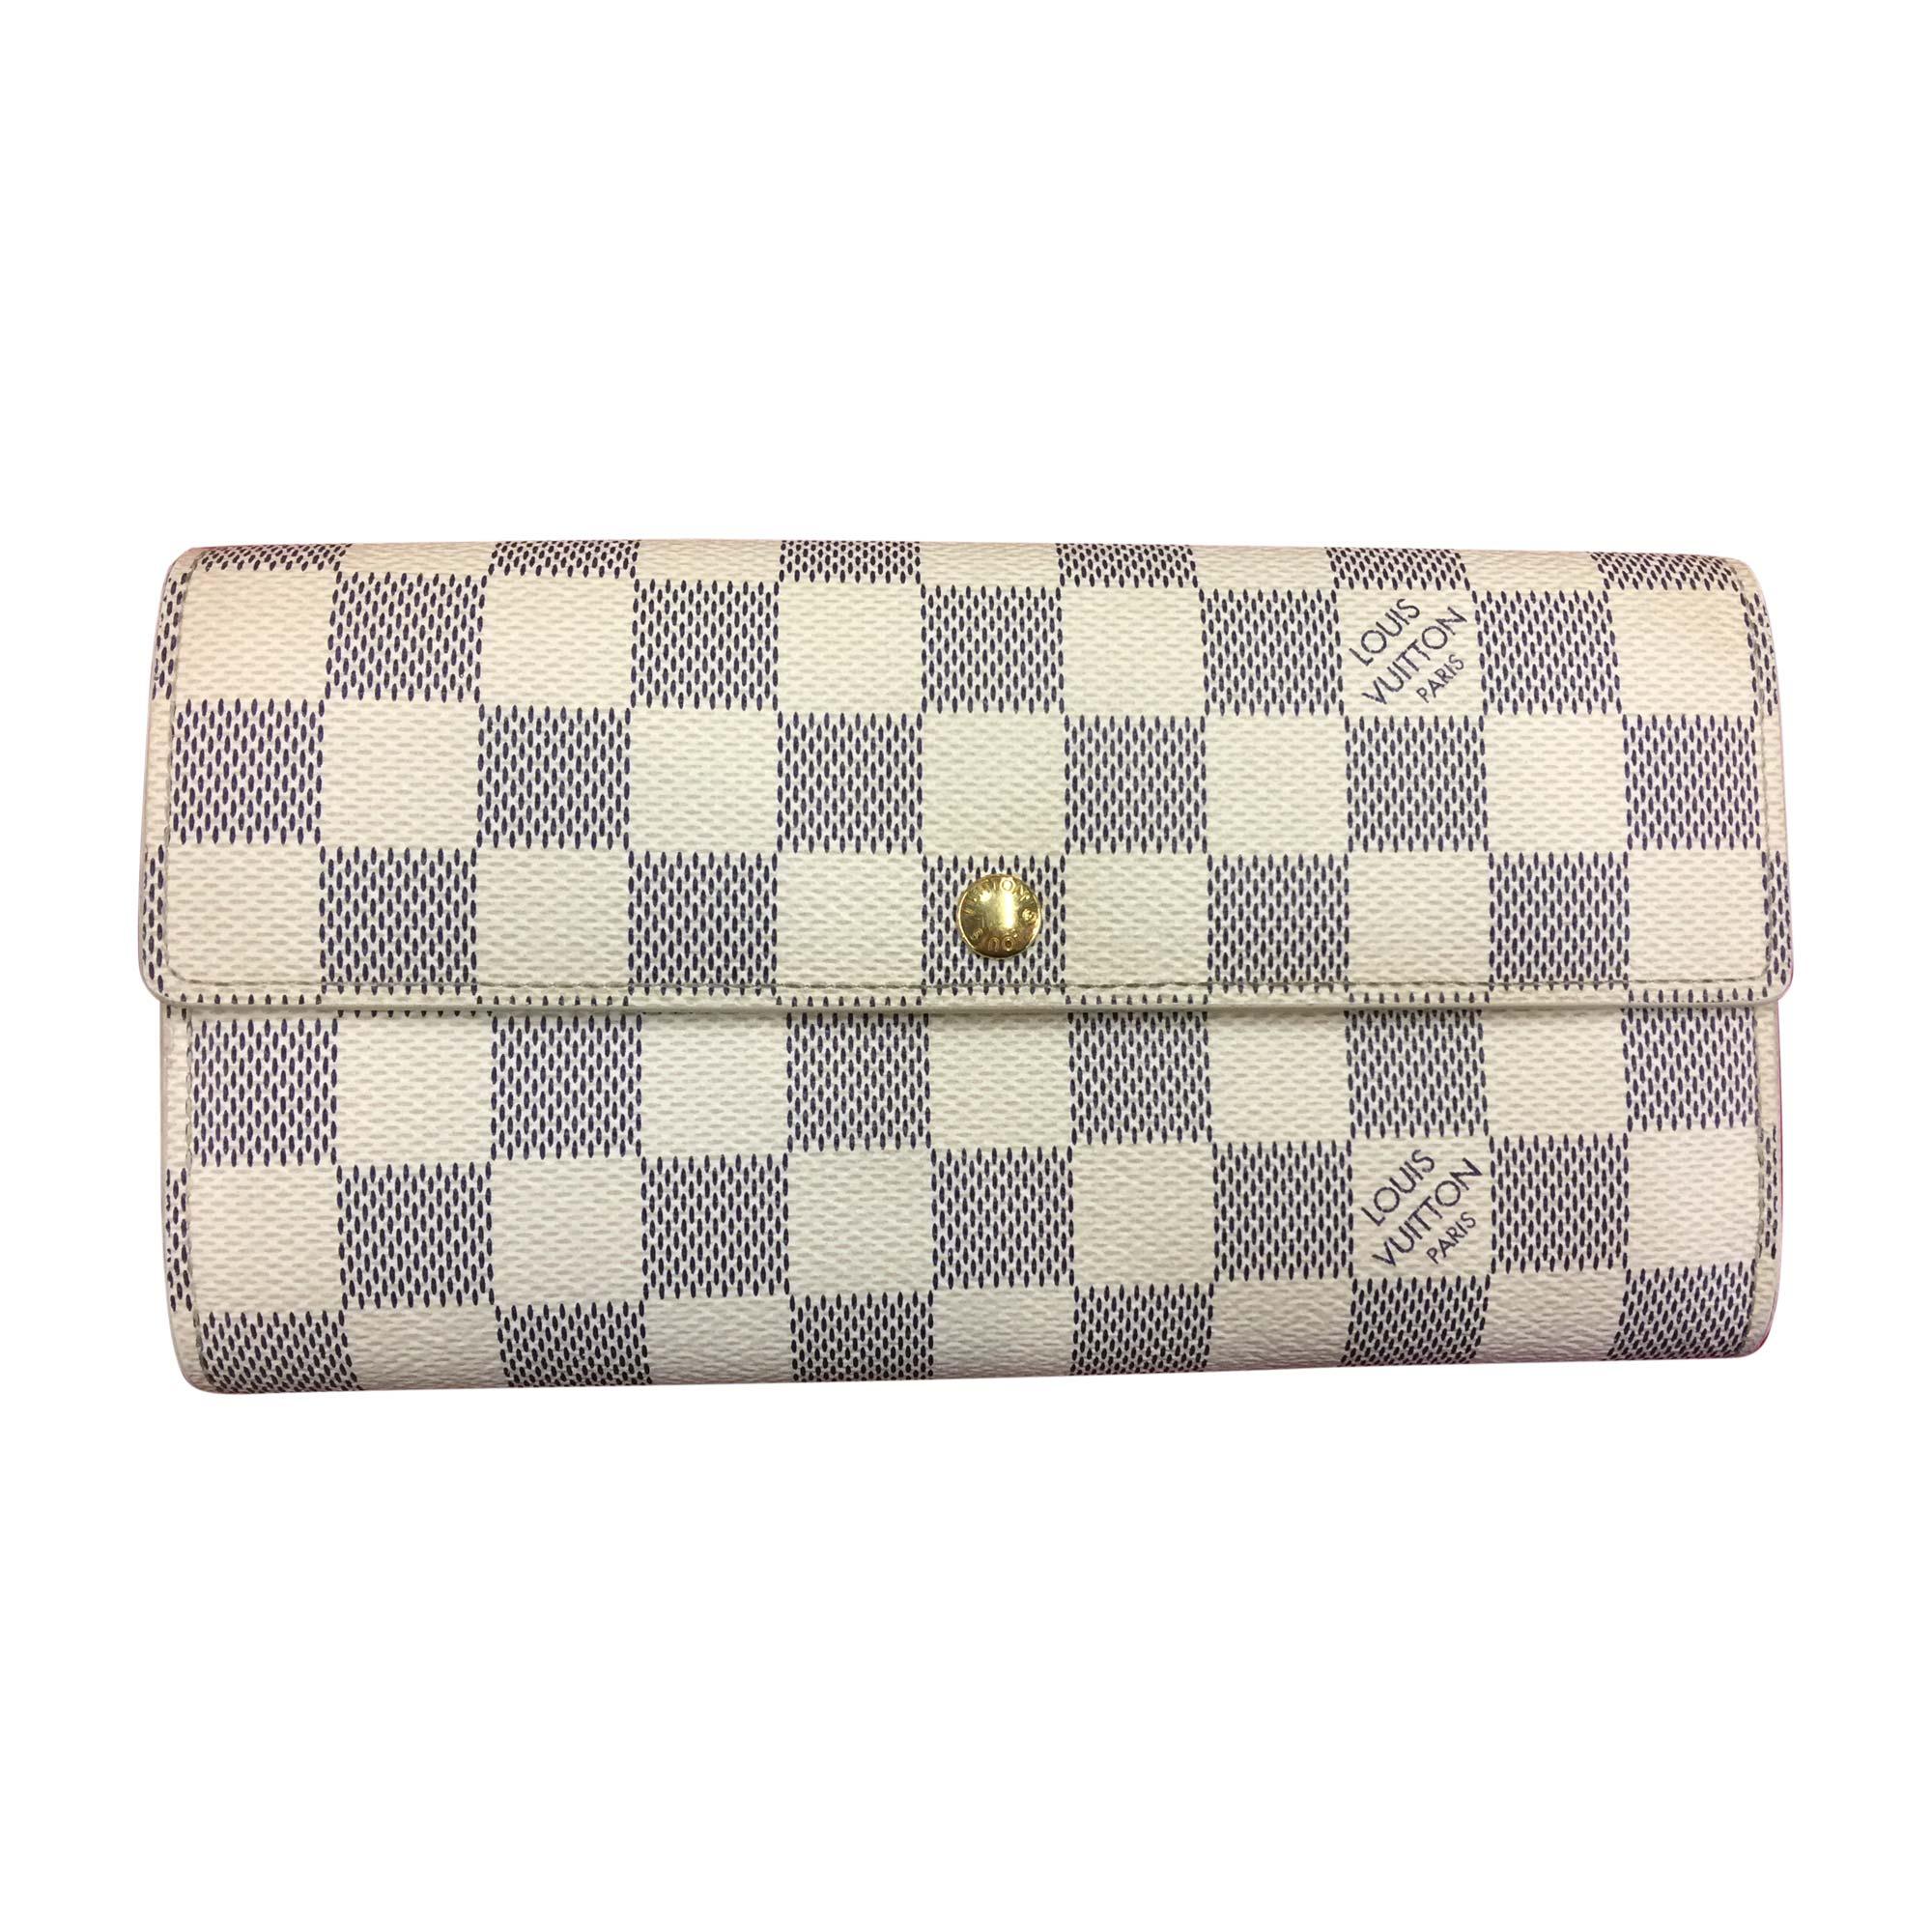 ee04c6cd717d Portefeuille LOUIS VUITTON blanc vendu par Easycash niort - 5803582